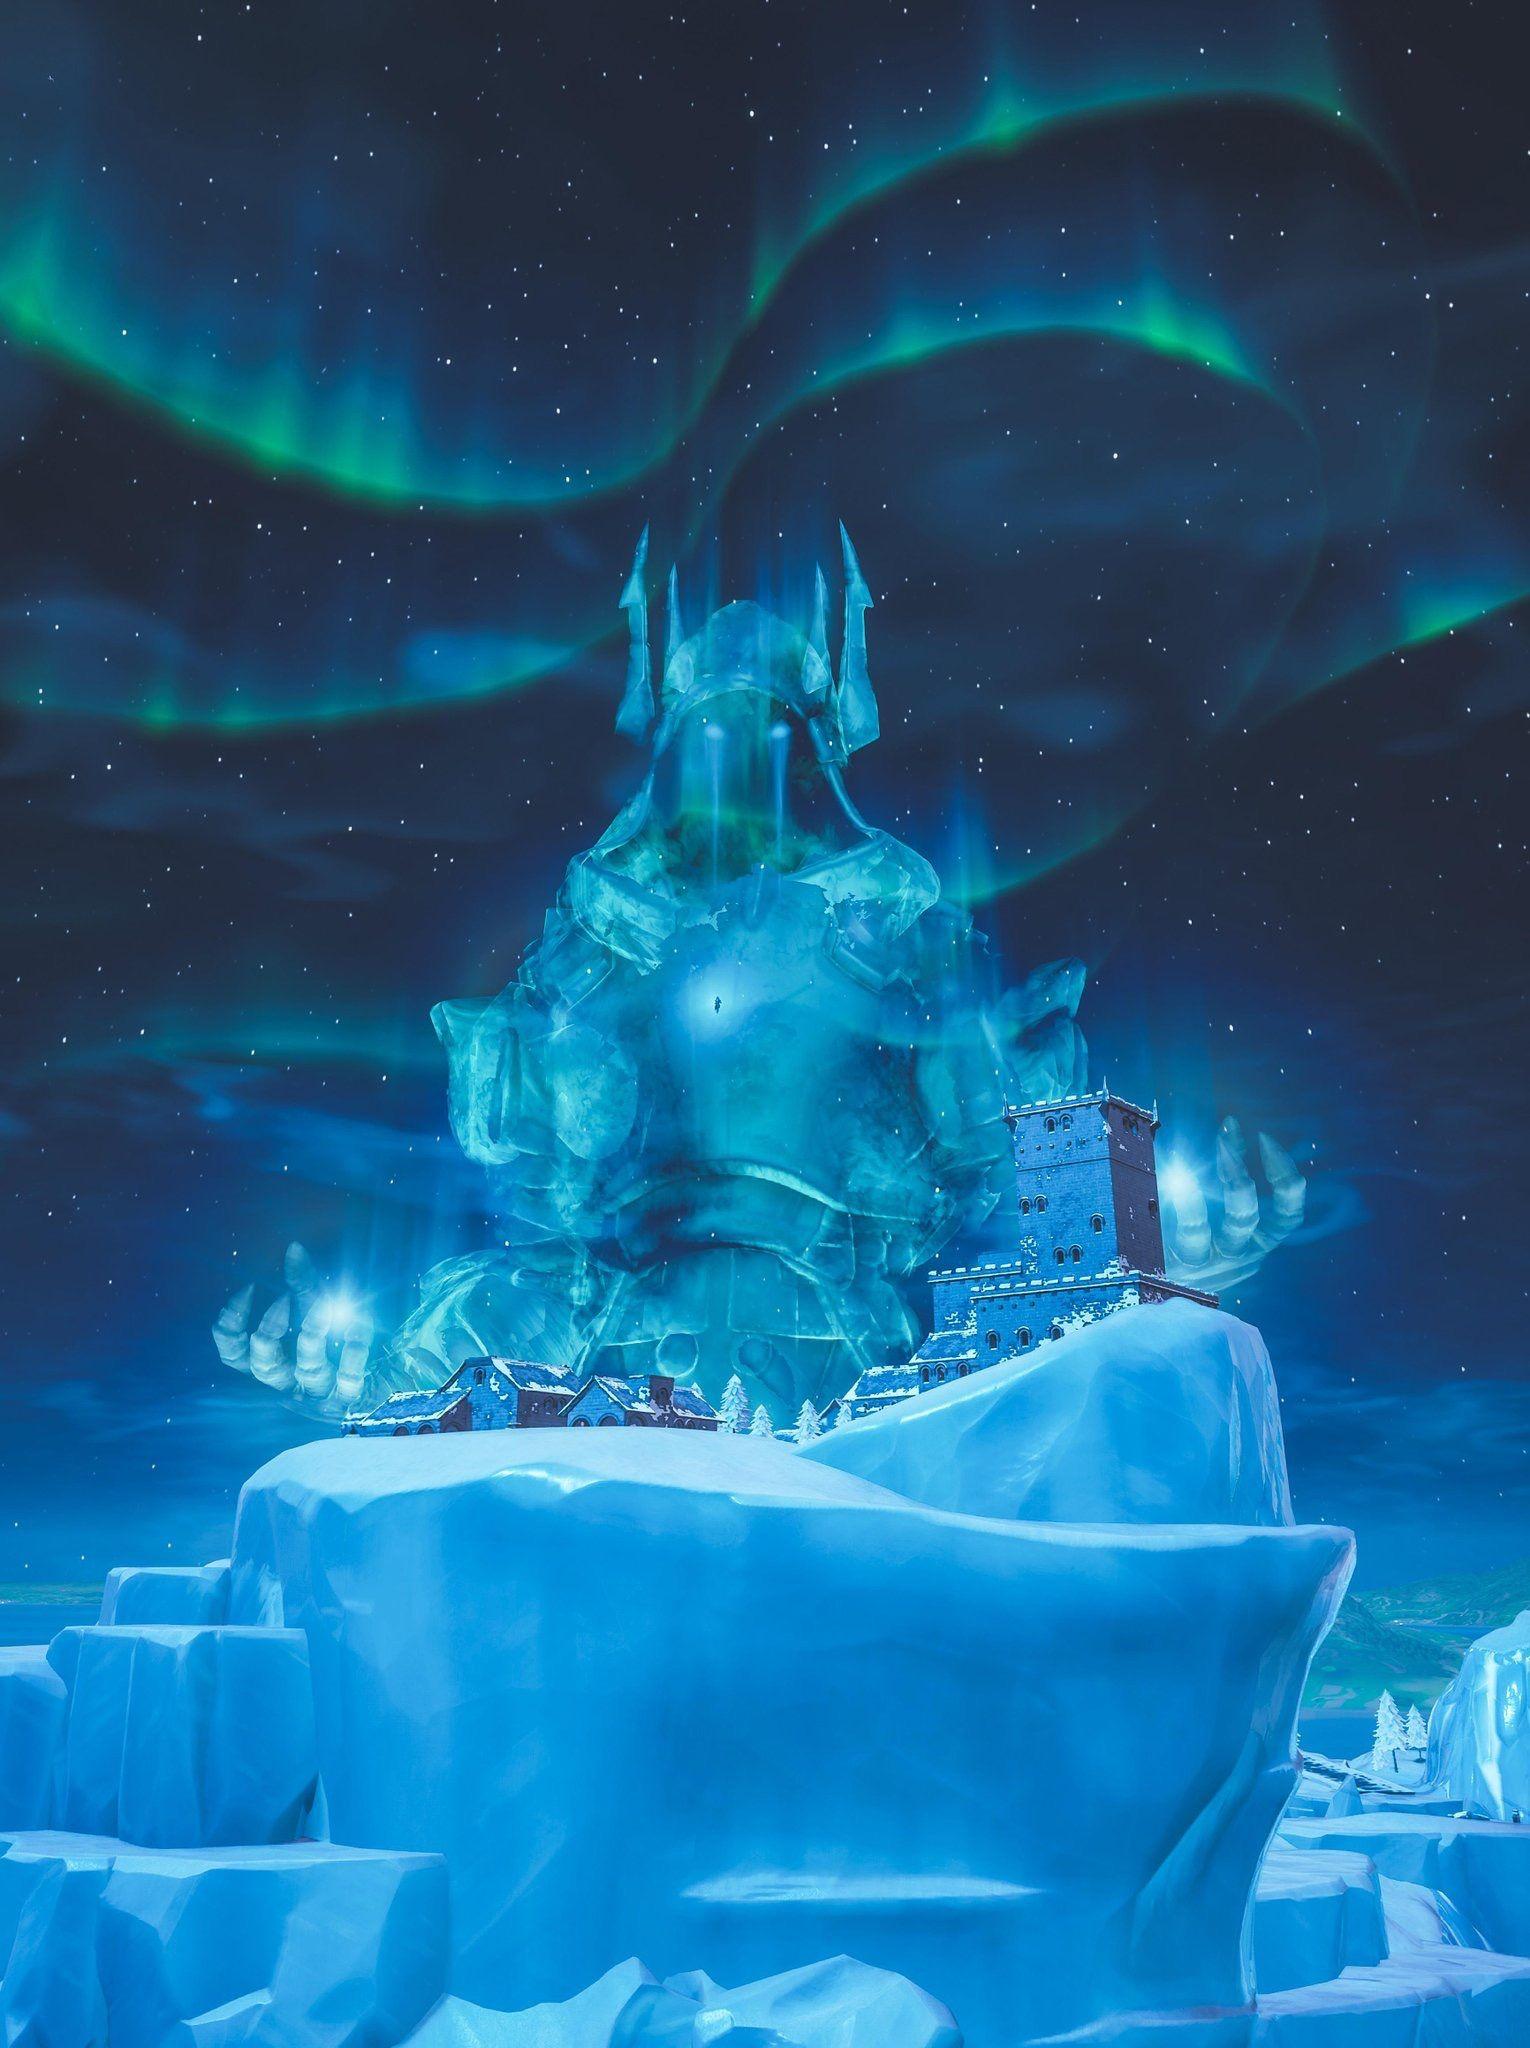 Ice King Fortnite Wallpaper